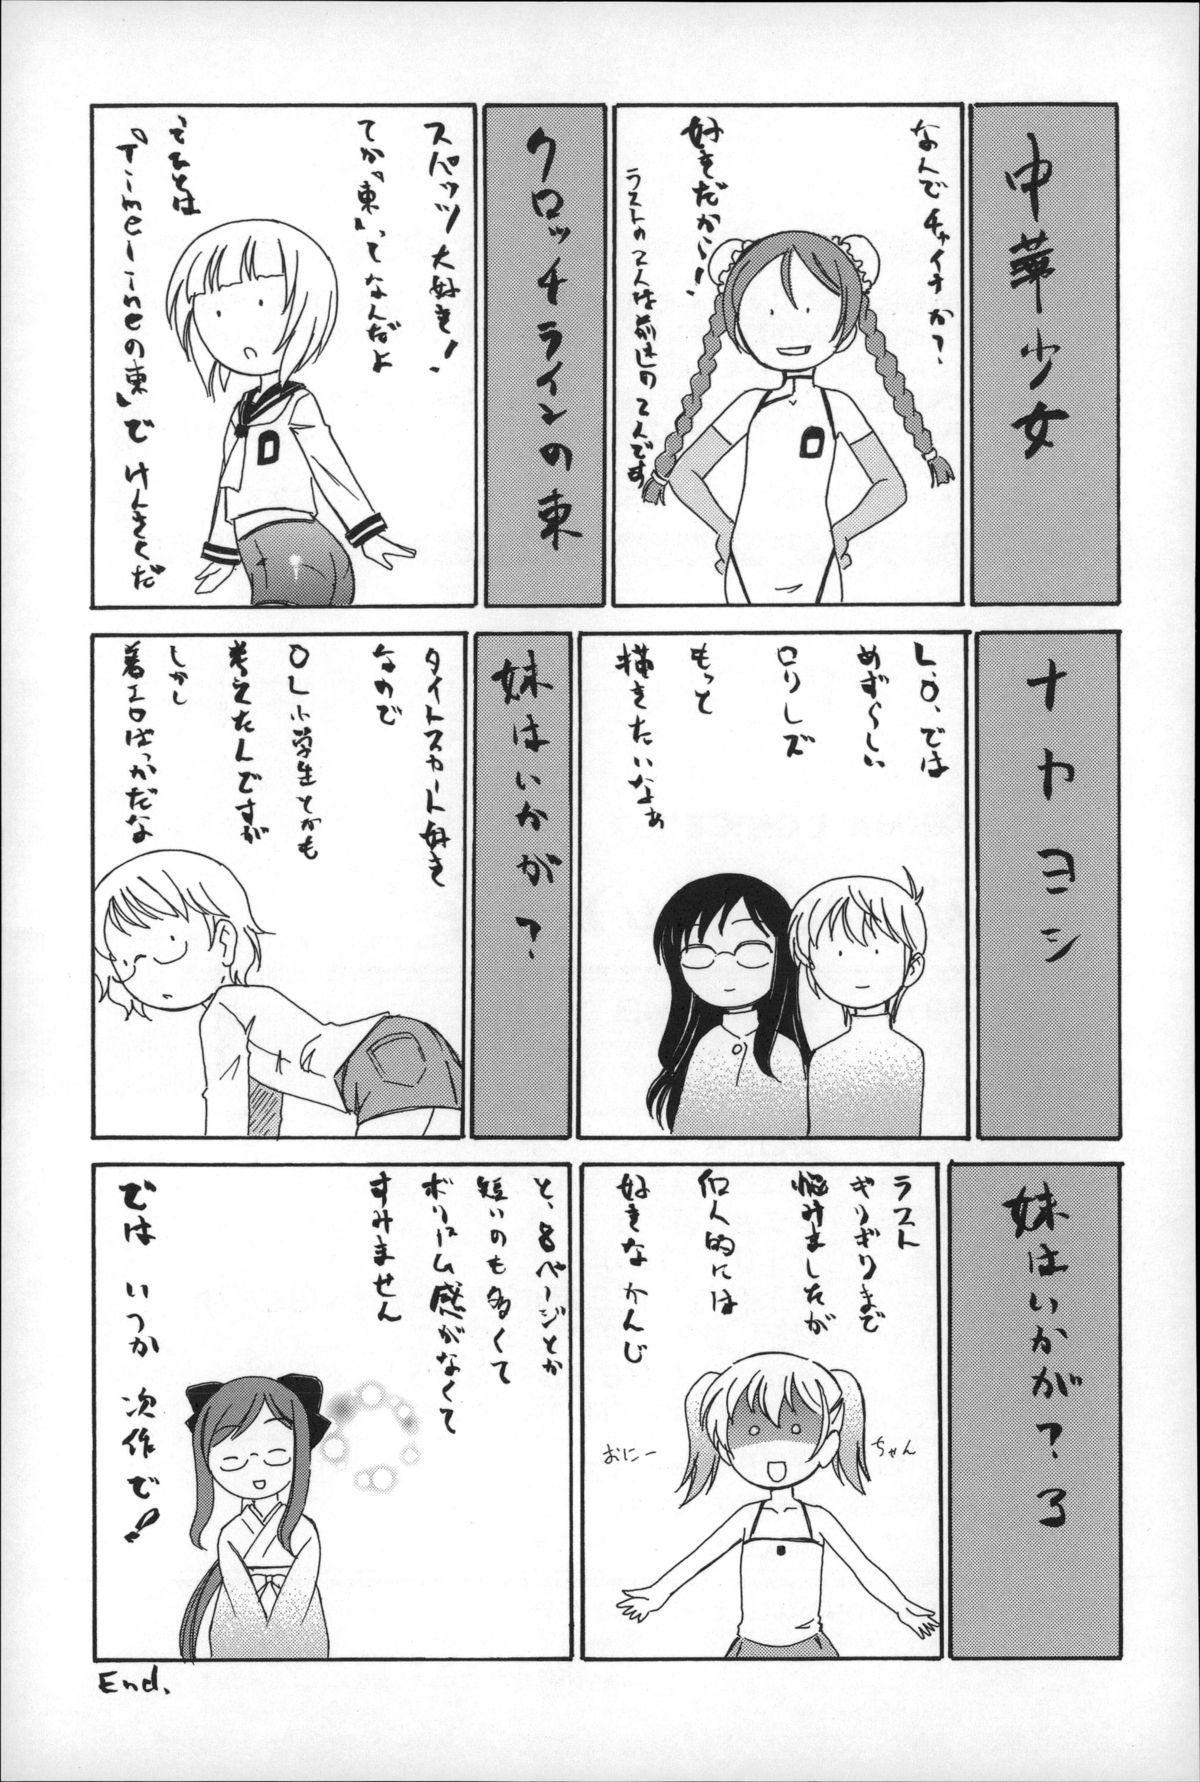 Youshou no Hana no Himitsu - The secret of Girls flowers 194